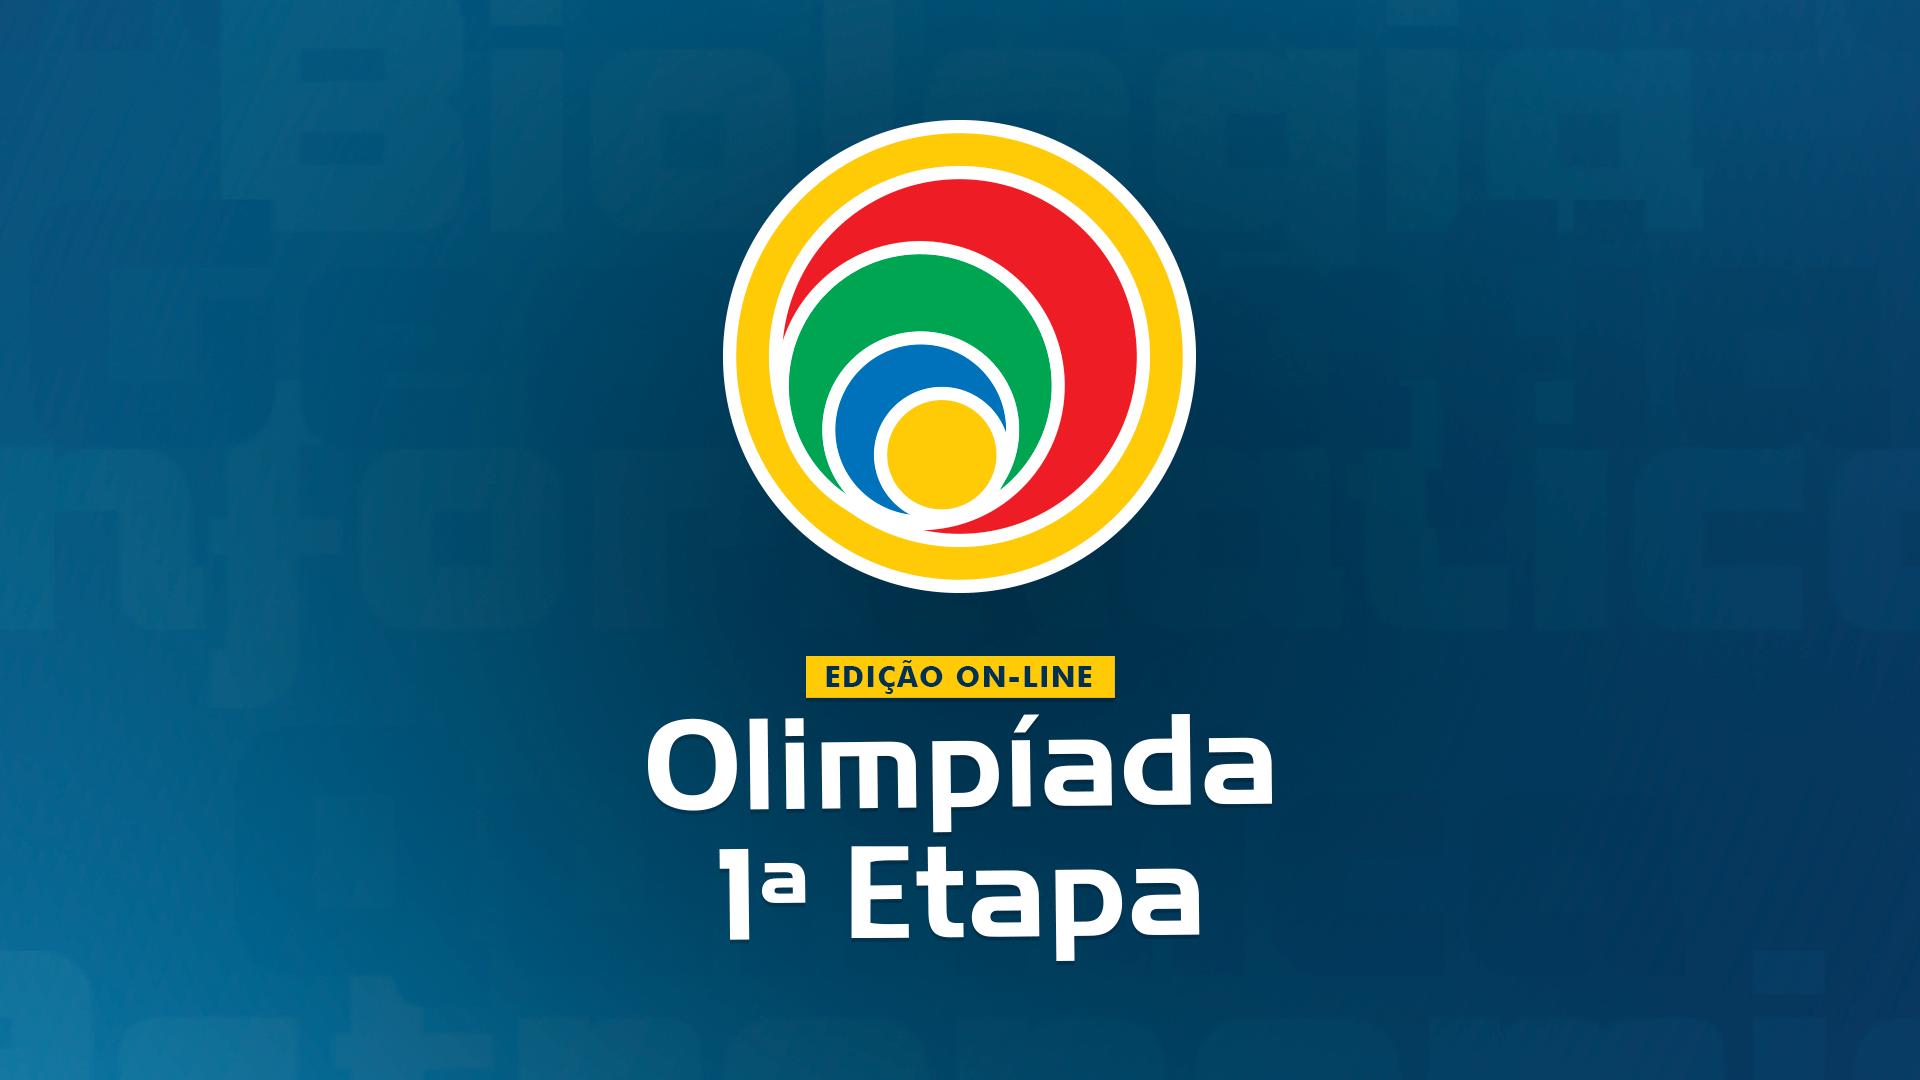 A edição on-line da Olimpíada 1ª Etapa ocorreu entre os dias 16 e 30 de setembro.